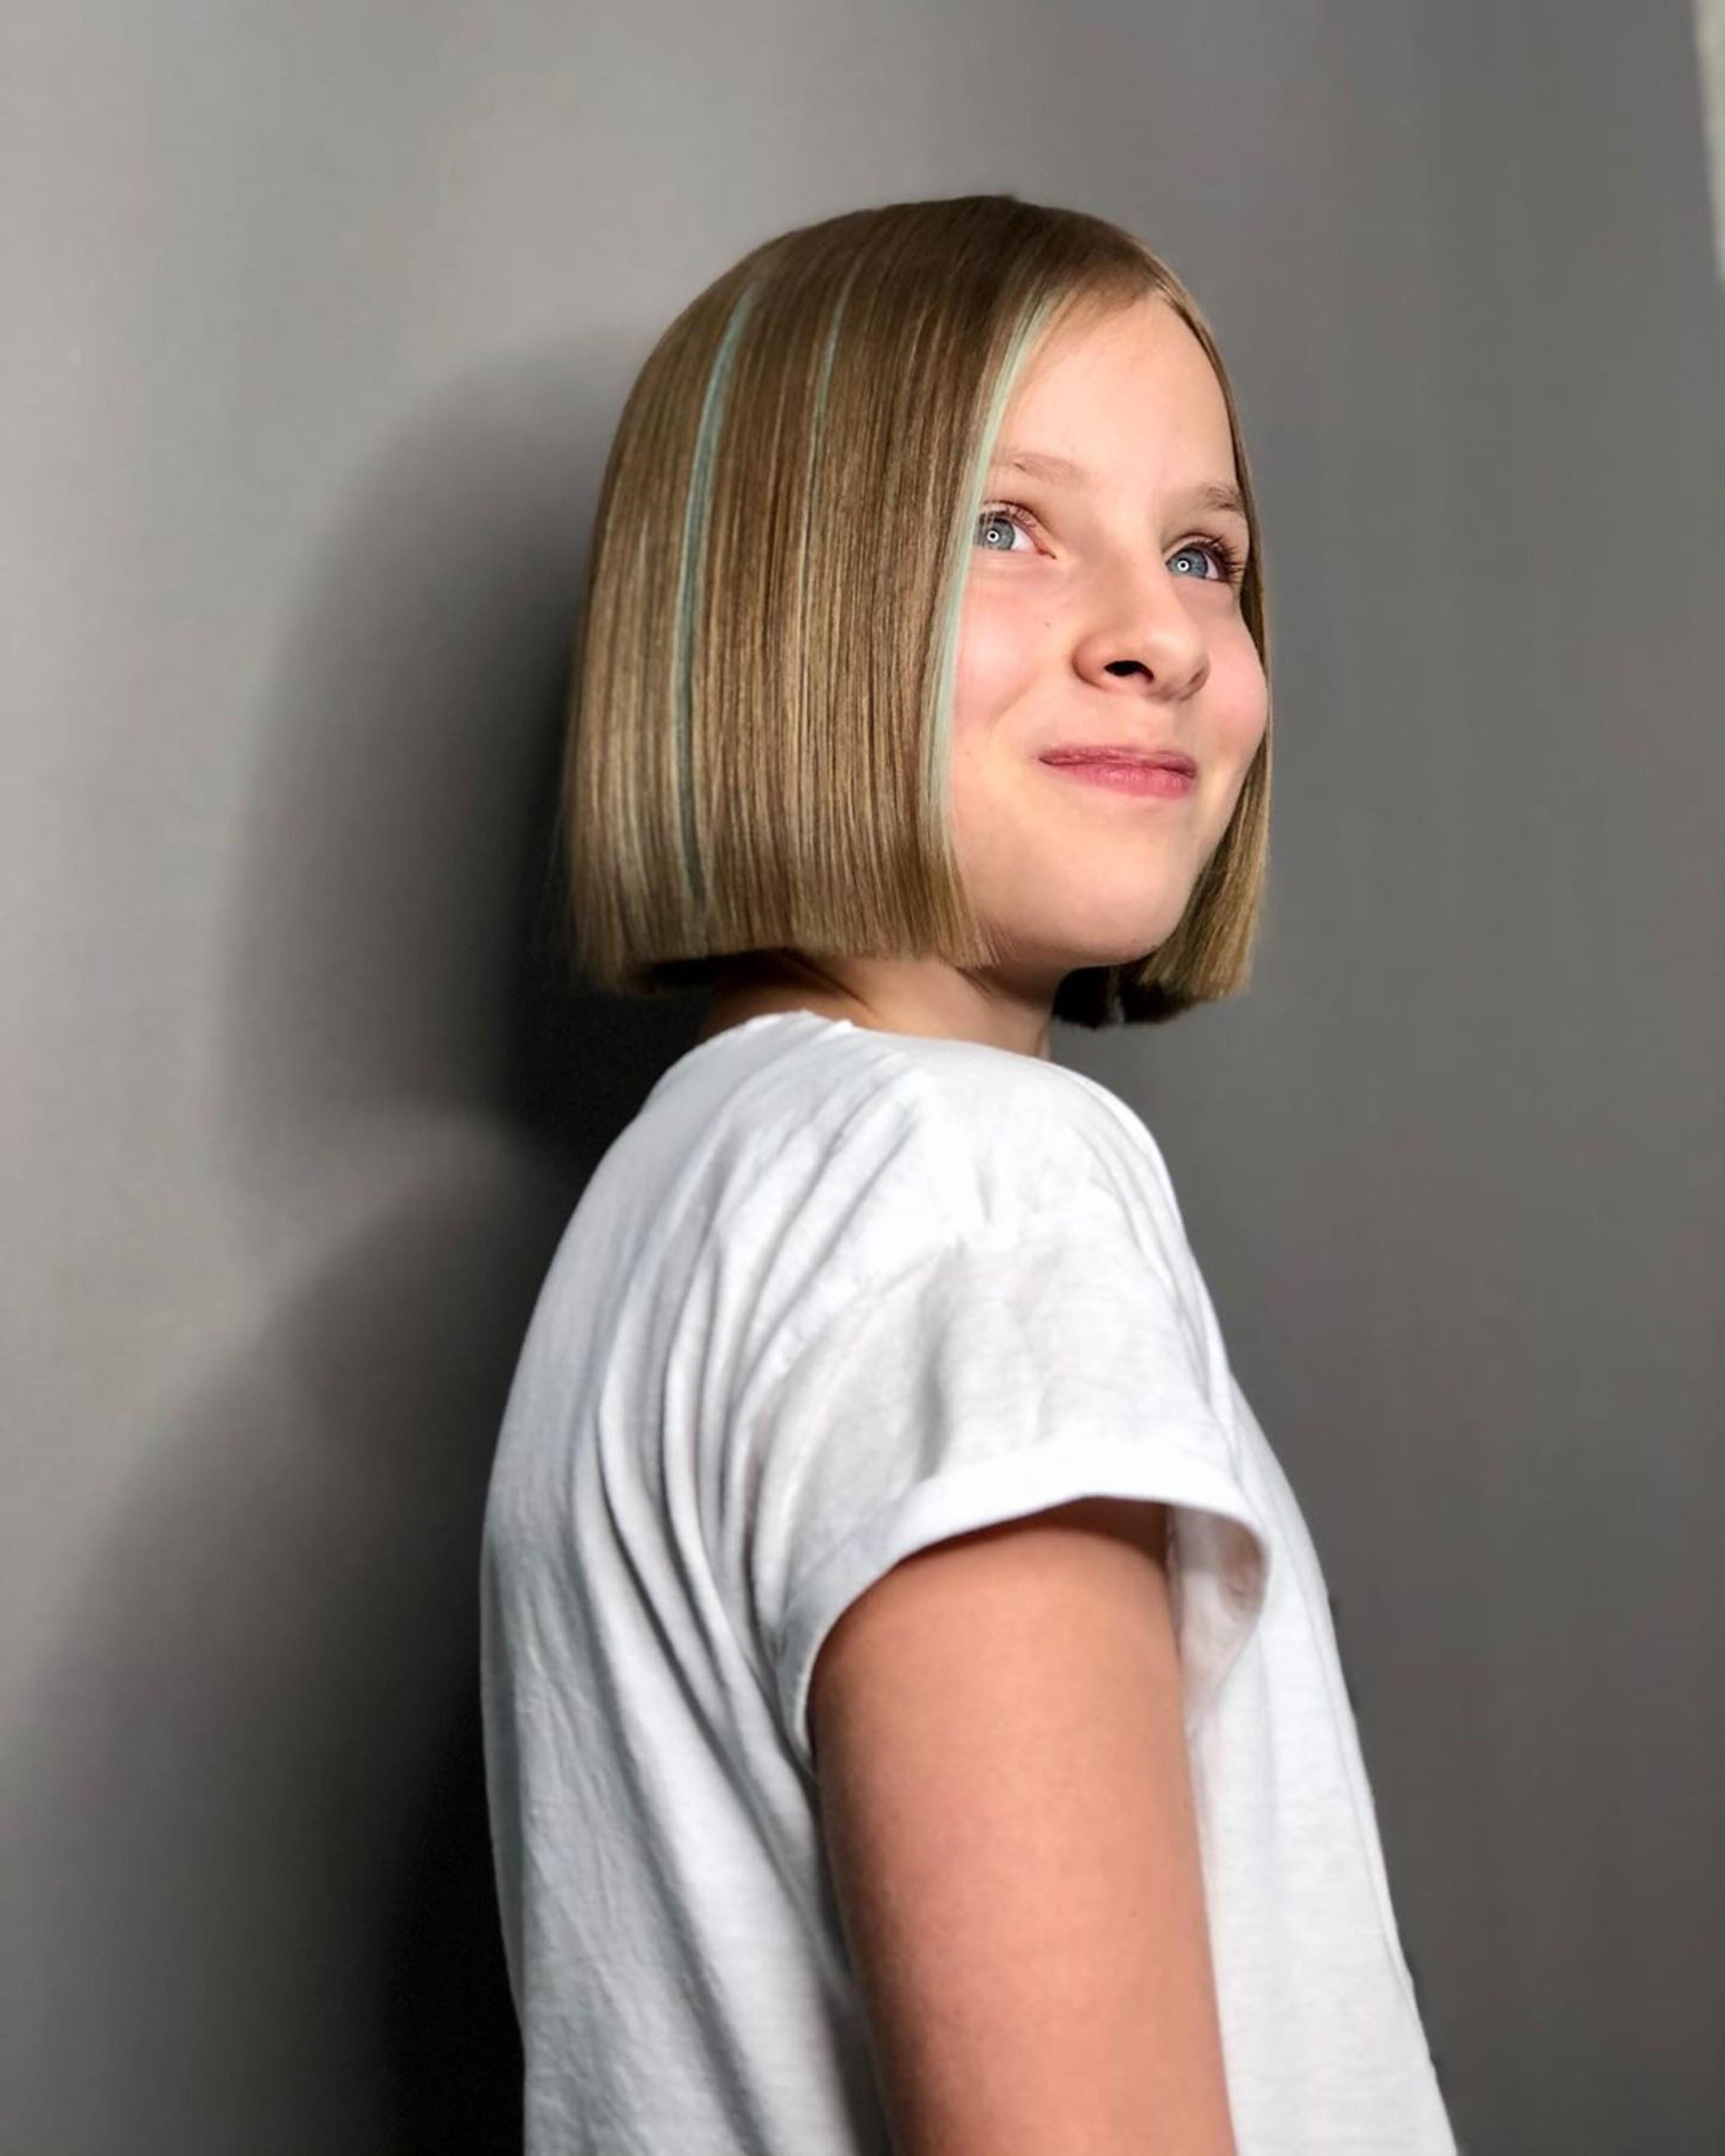 A nice bob haircut for small kids.